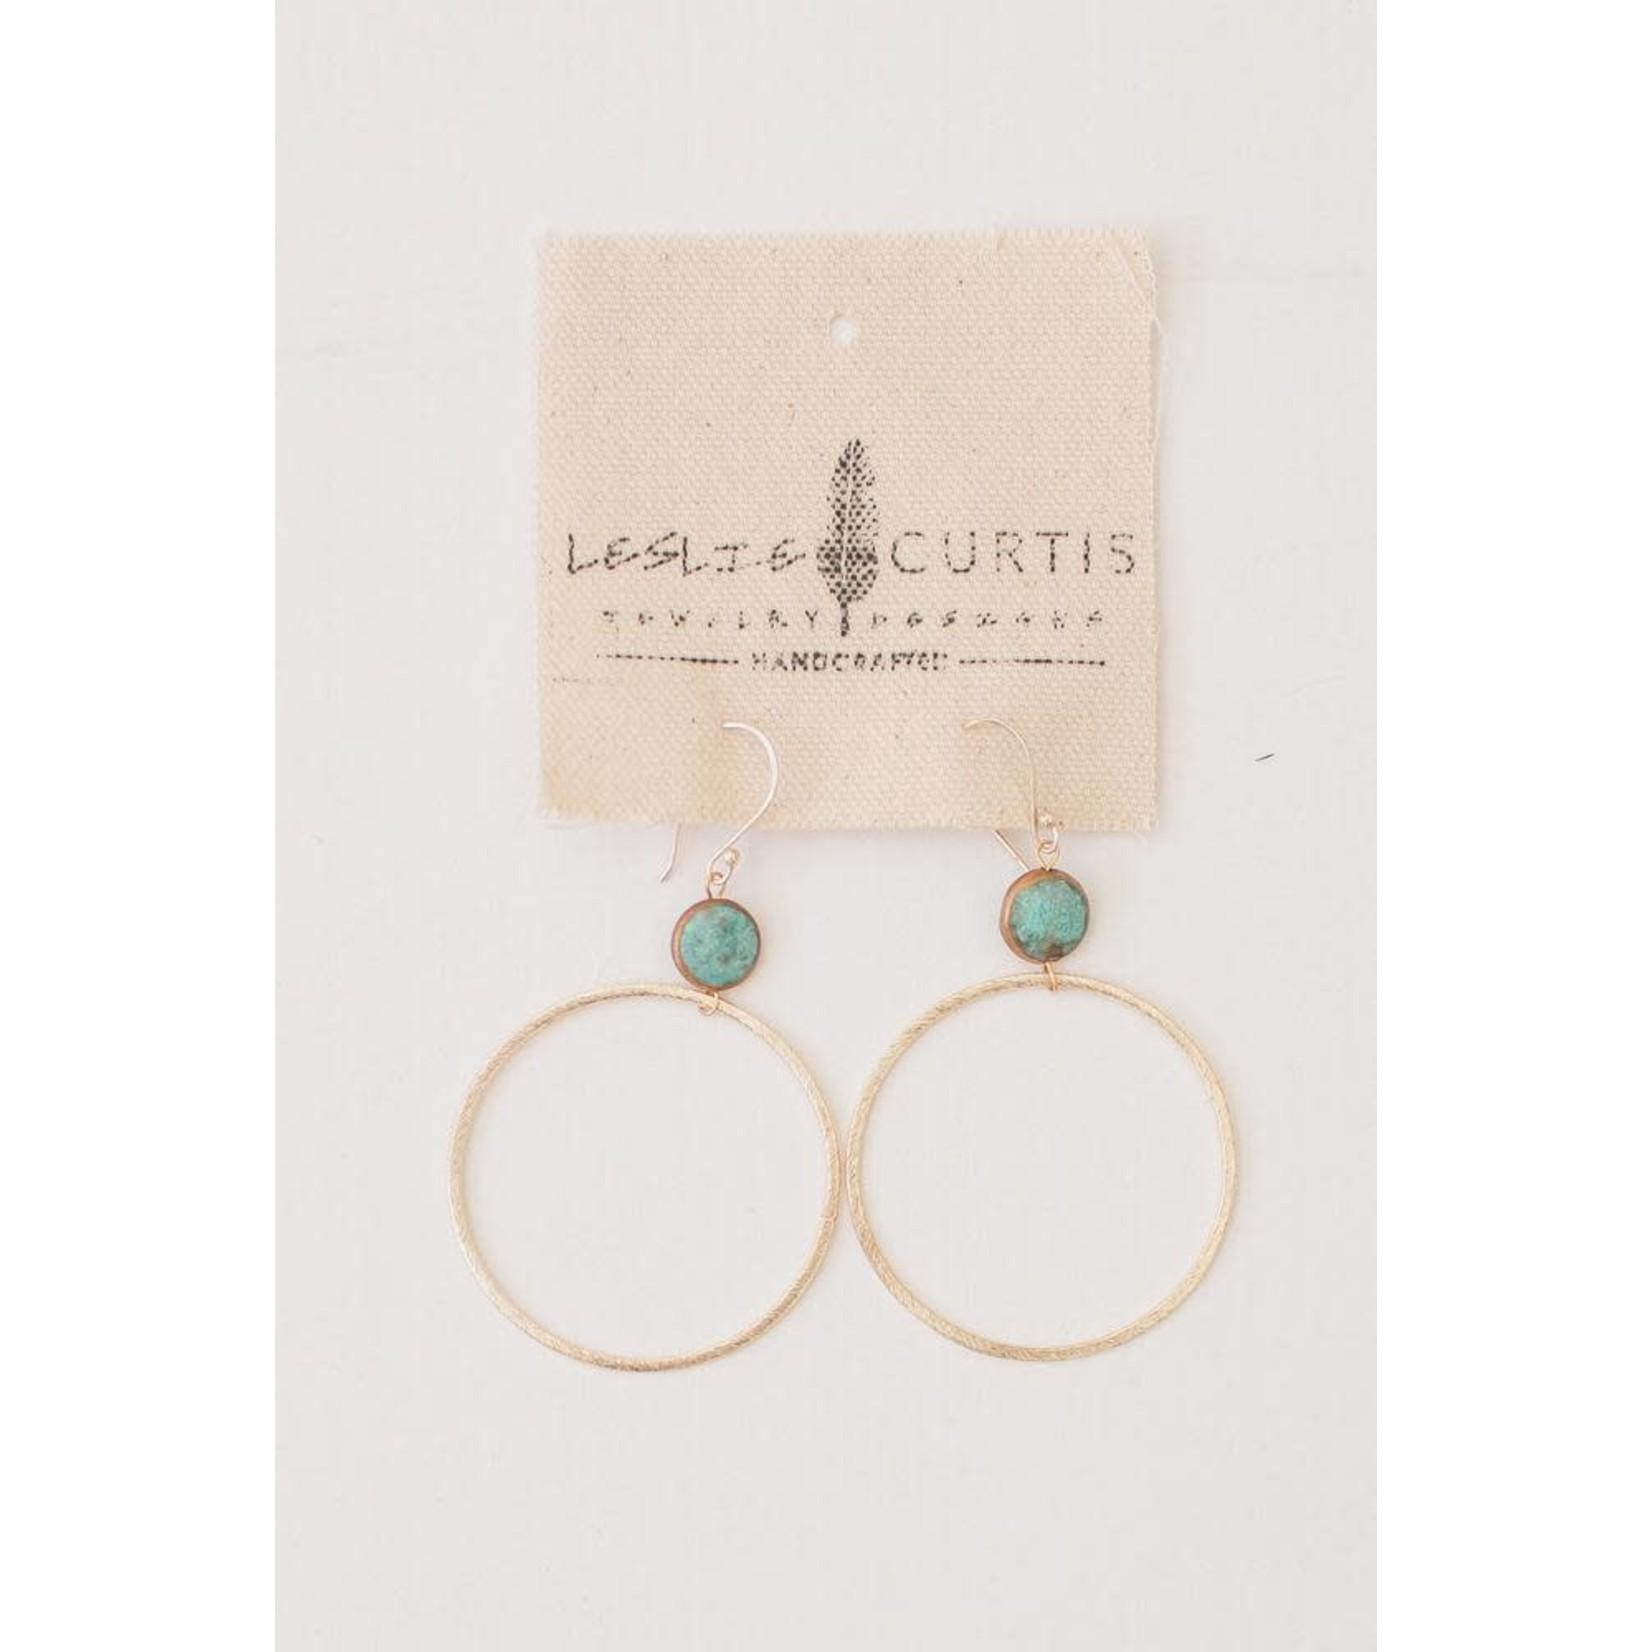 Leslie Curtis Jewelry Designs Harper Hoop Earrings